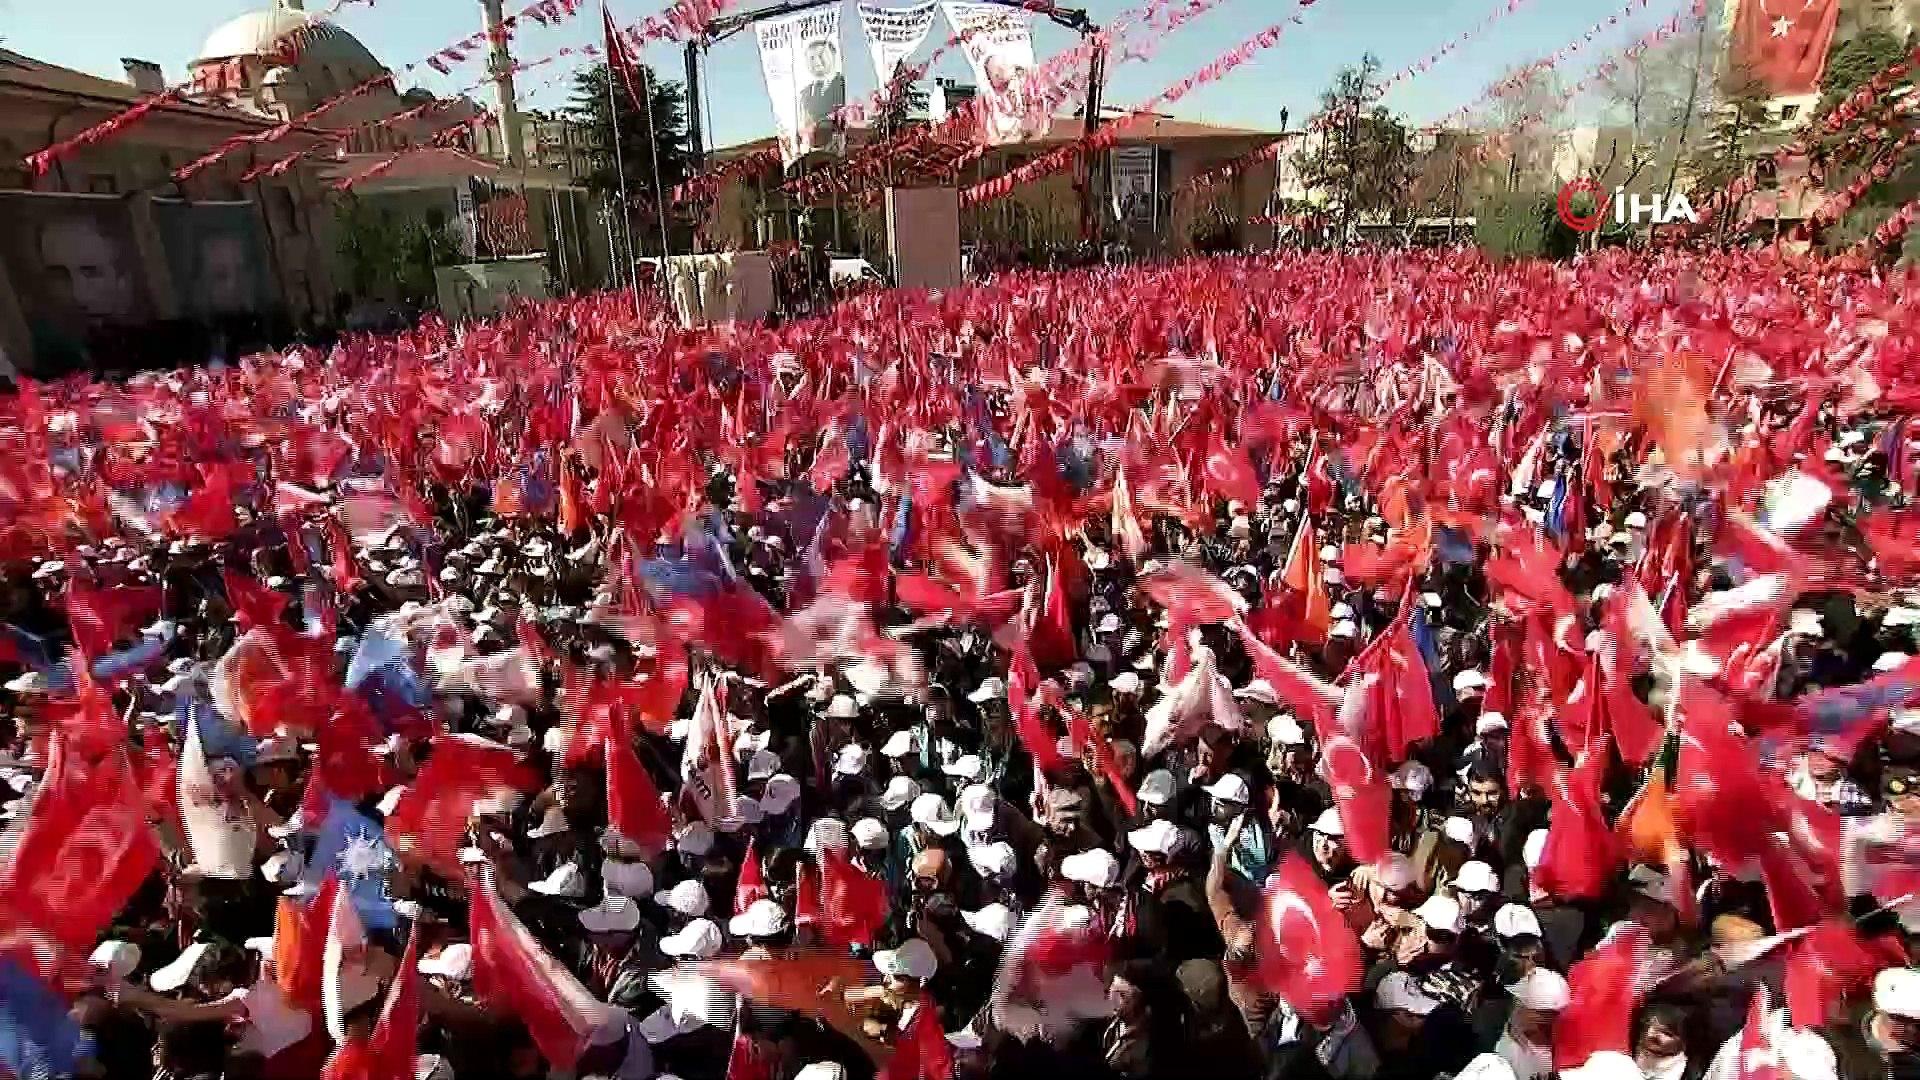 Cumhurbaşkanı Erdoğan: 'Ülkemize şaşı olarak bakan kim varsa seçimleri bekliyorlar'